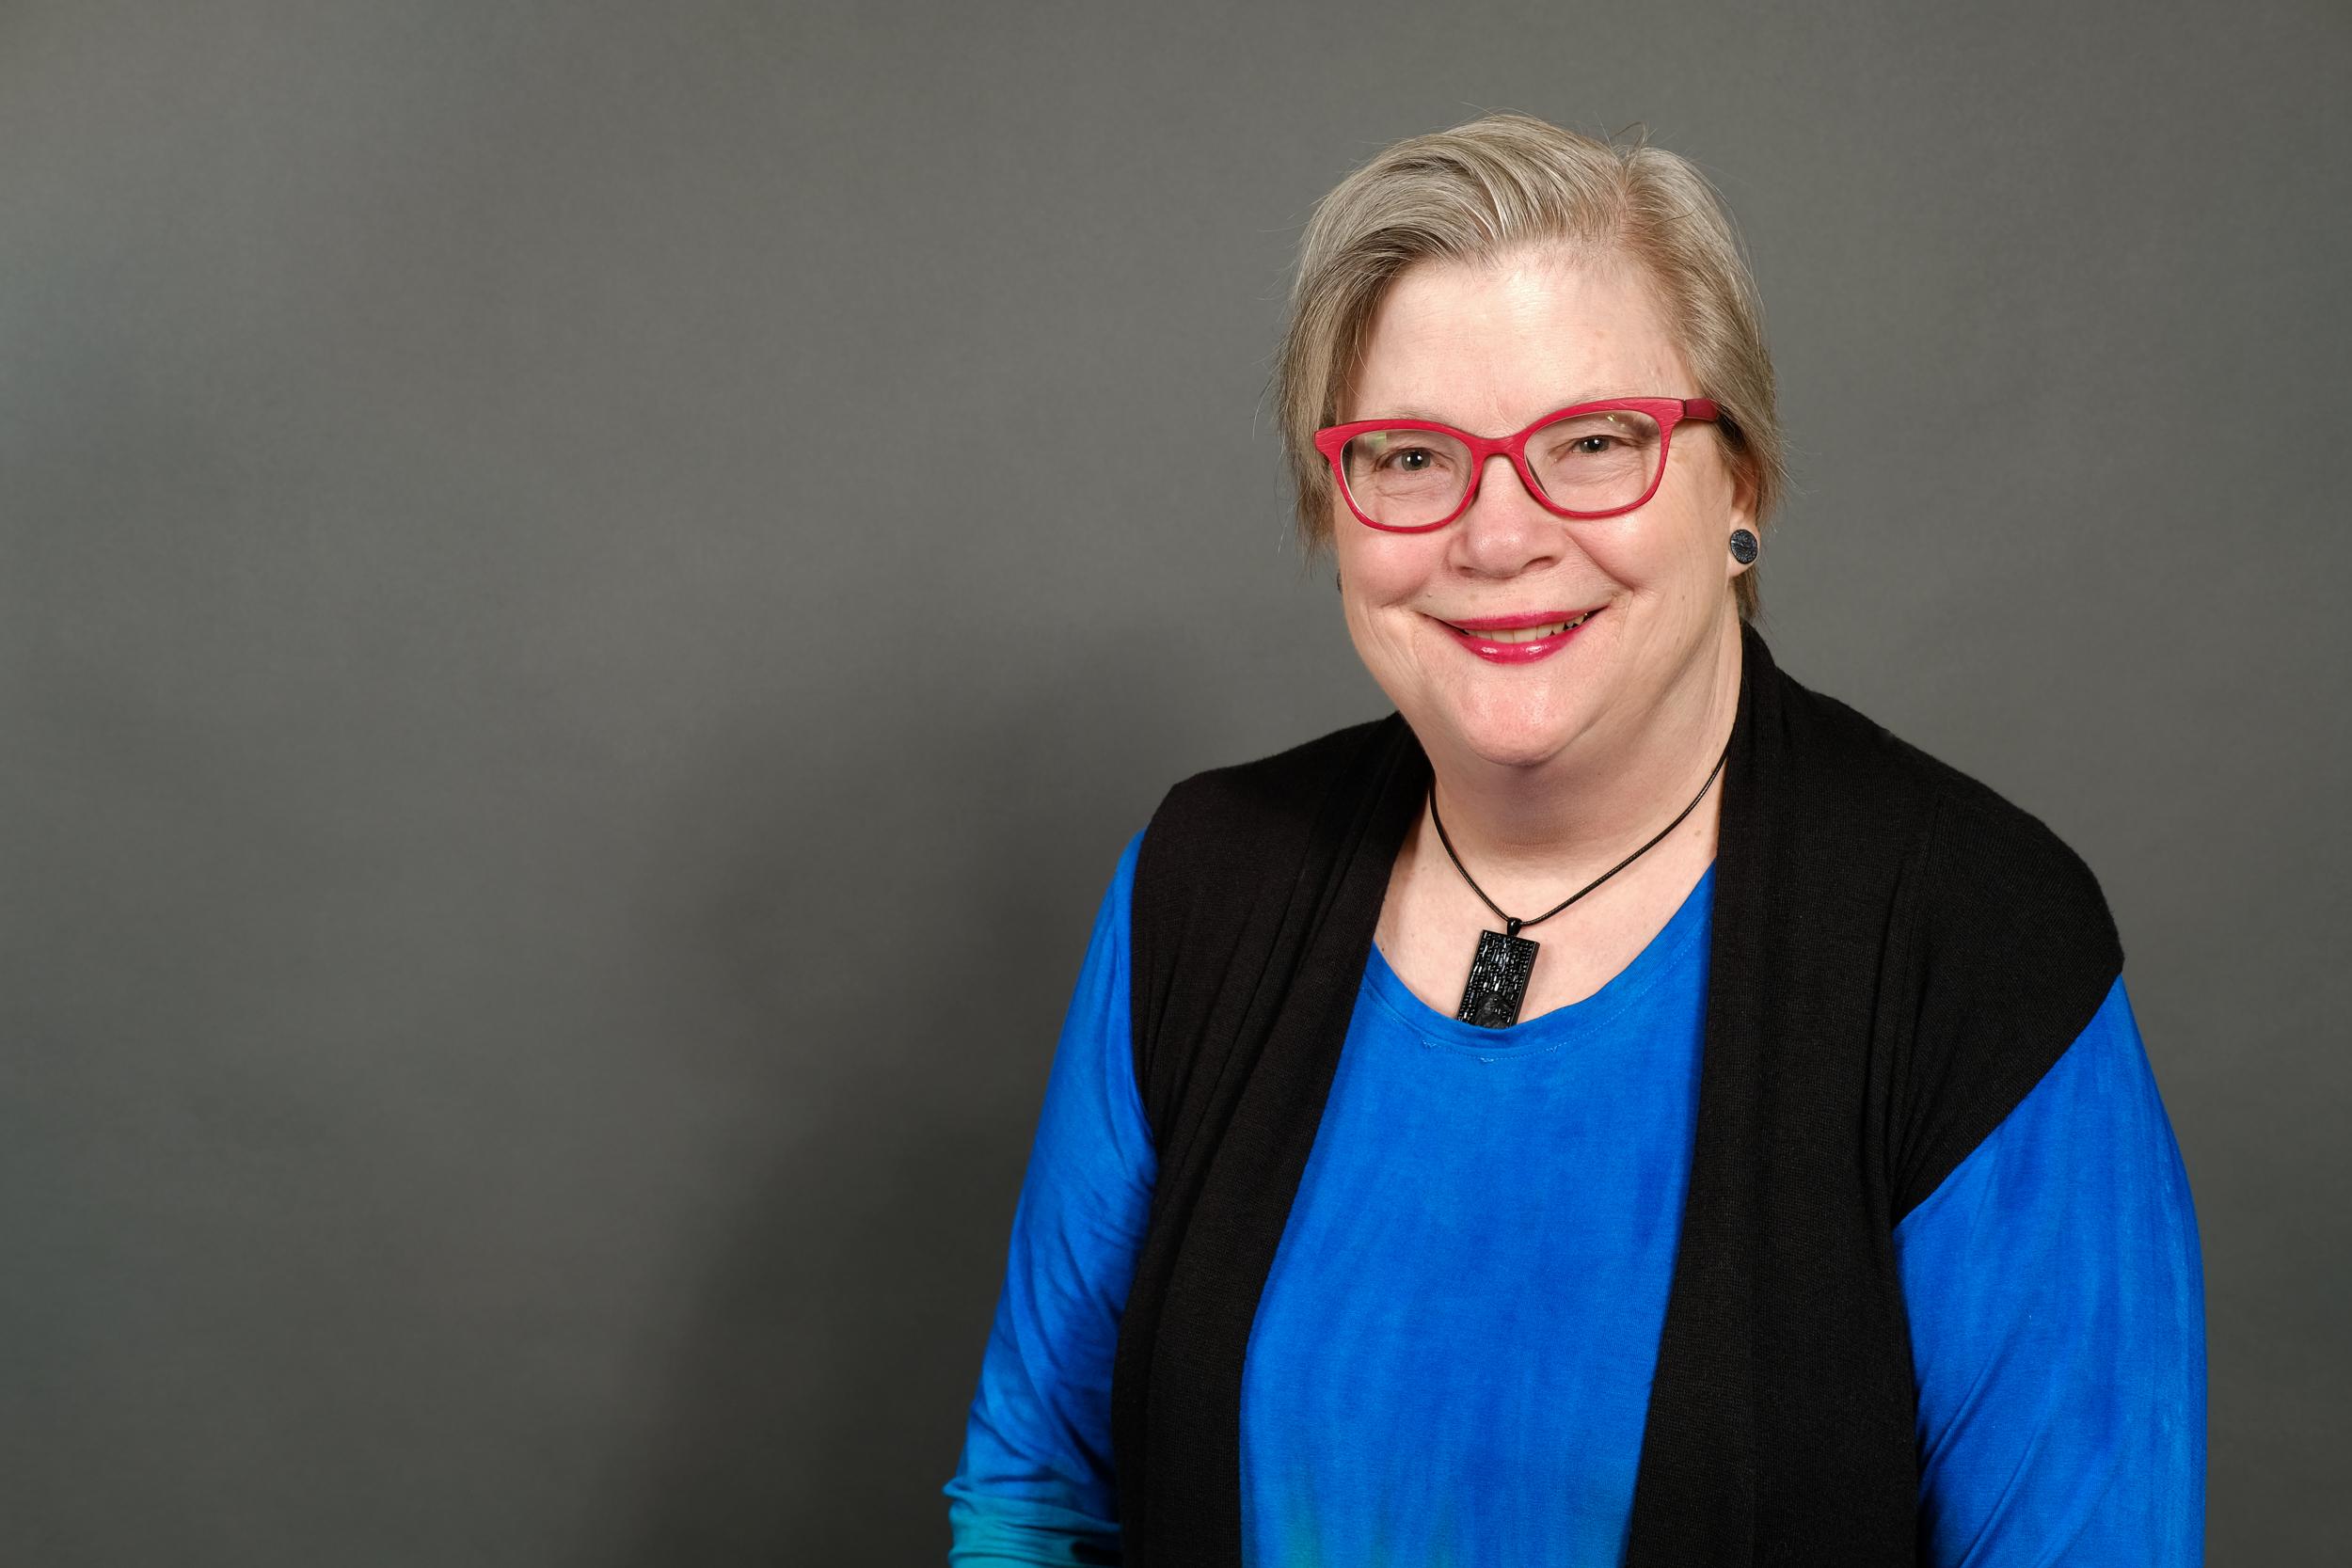 Lisa Waldschmidt